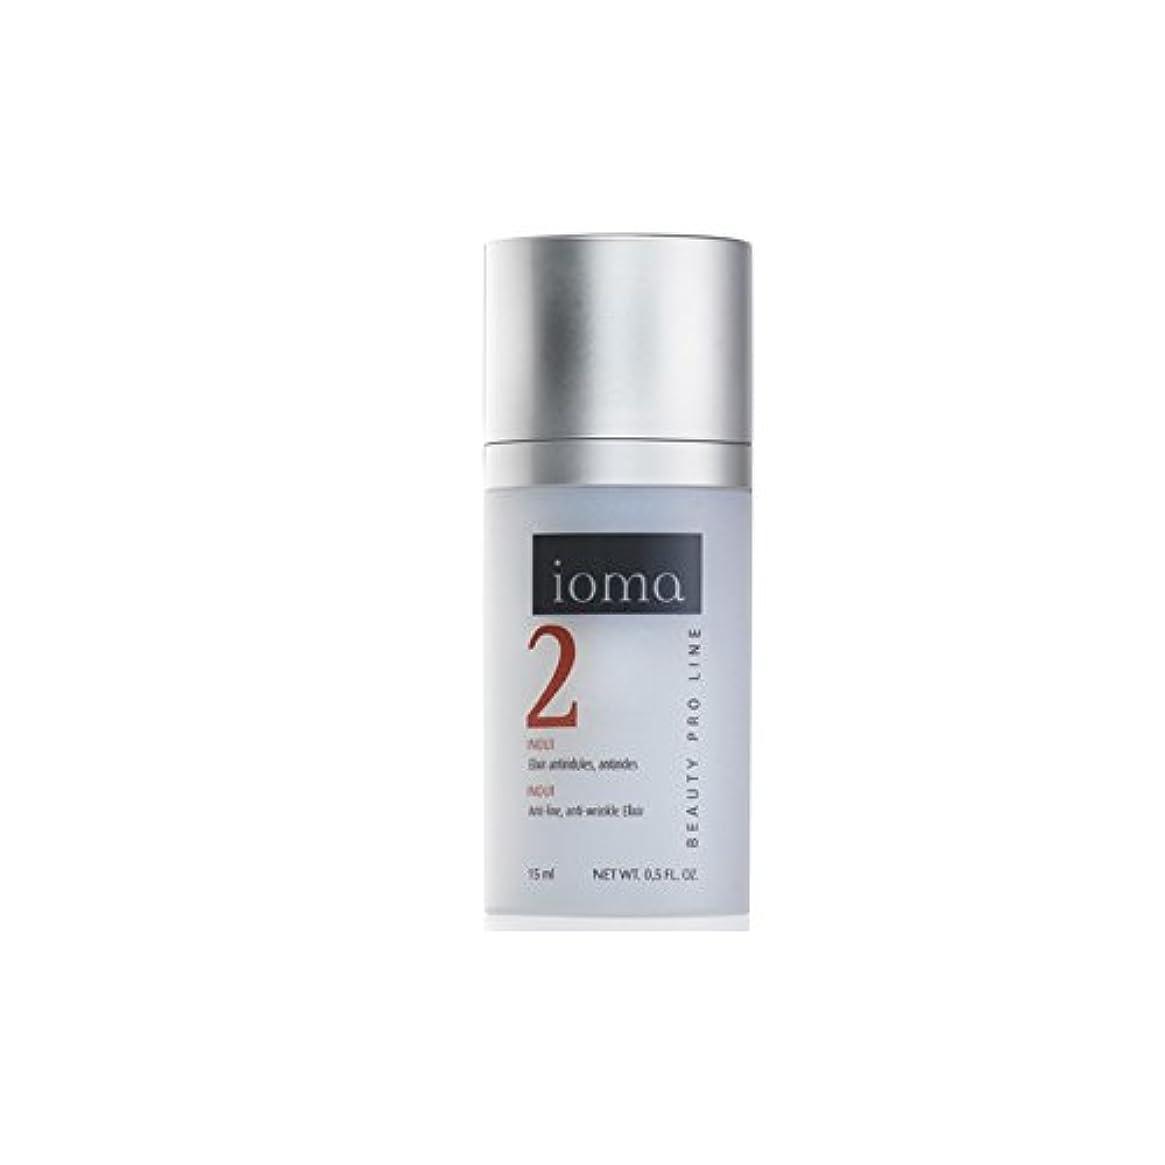 言い直す対抗キウイIoma Anti-Wrinkle Moisture Elixir 15ml (Pack of 6) - 抗しわ水分エリキシルの15ミリリットル x6 [並行輸入品]